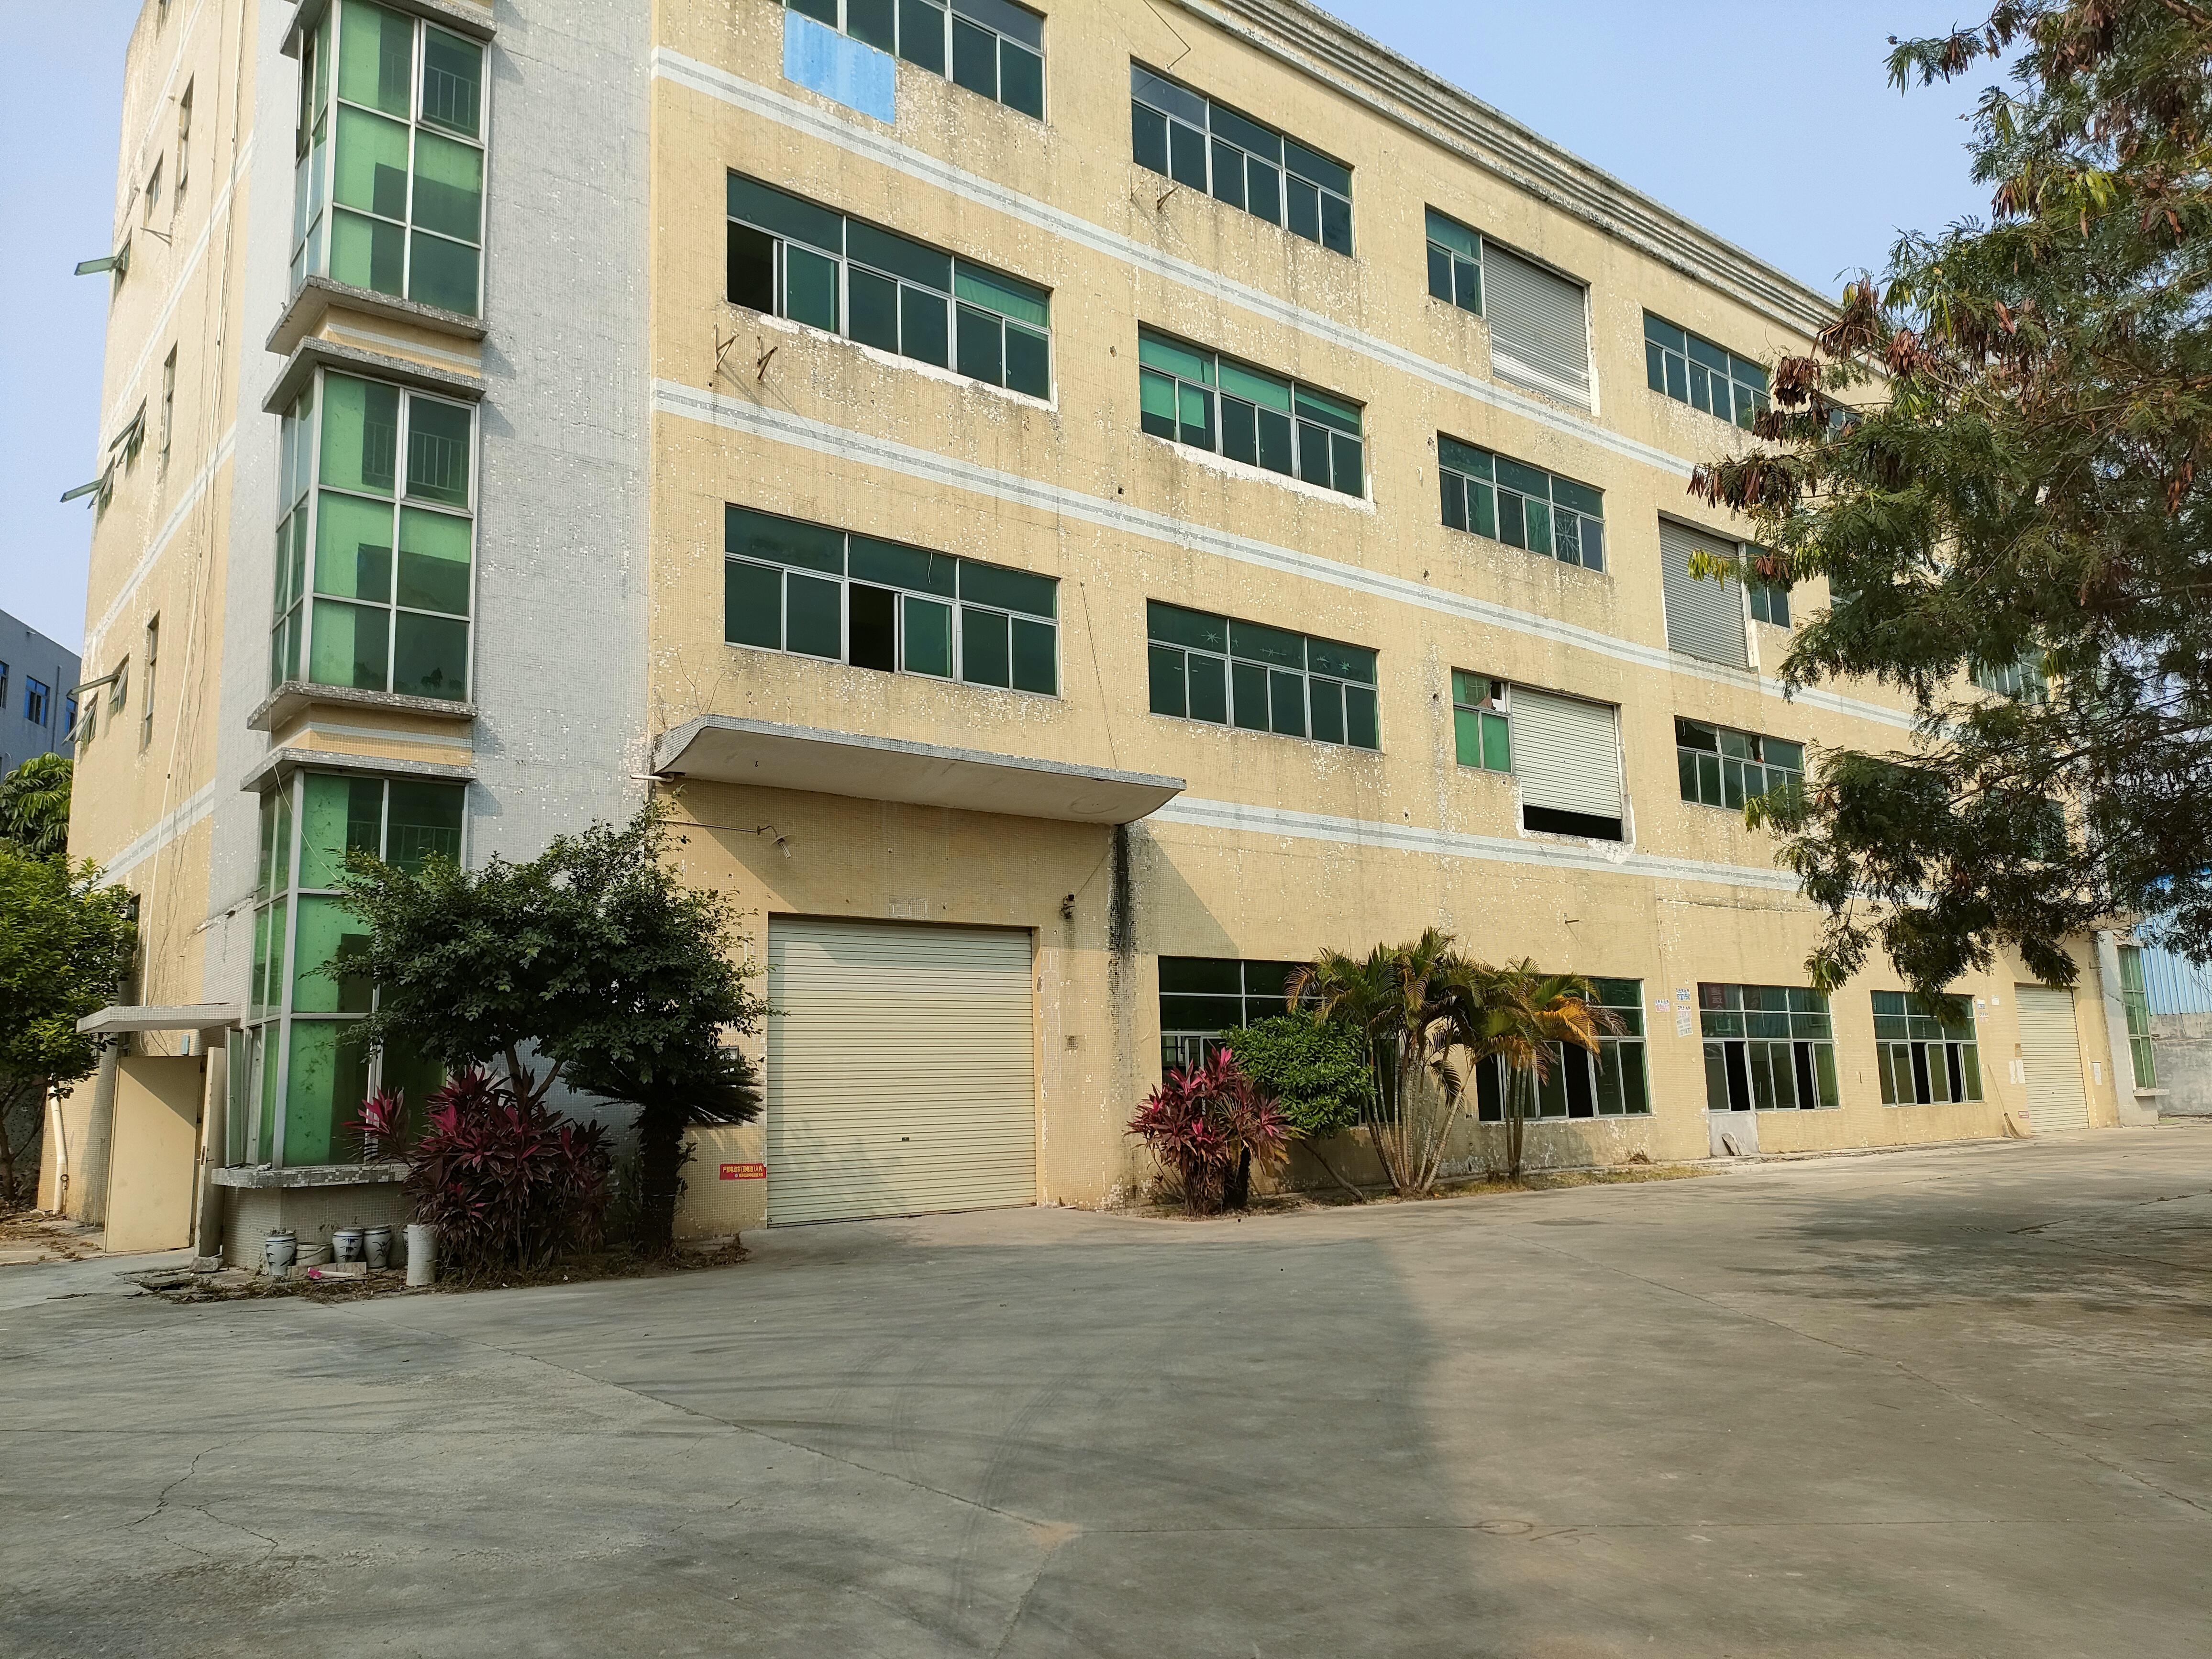 福永新和厂房原房东一楼5000平米五金设备物流仓库厂房出租